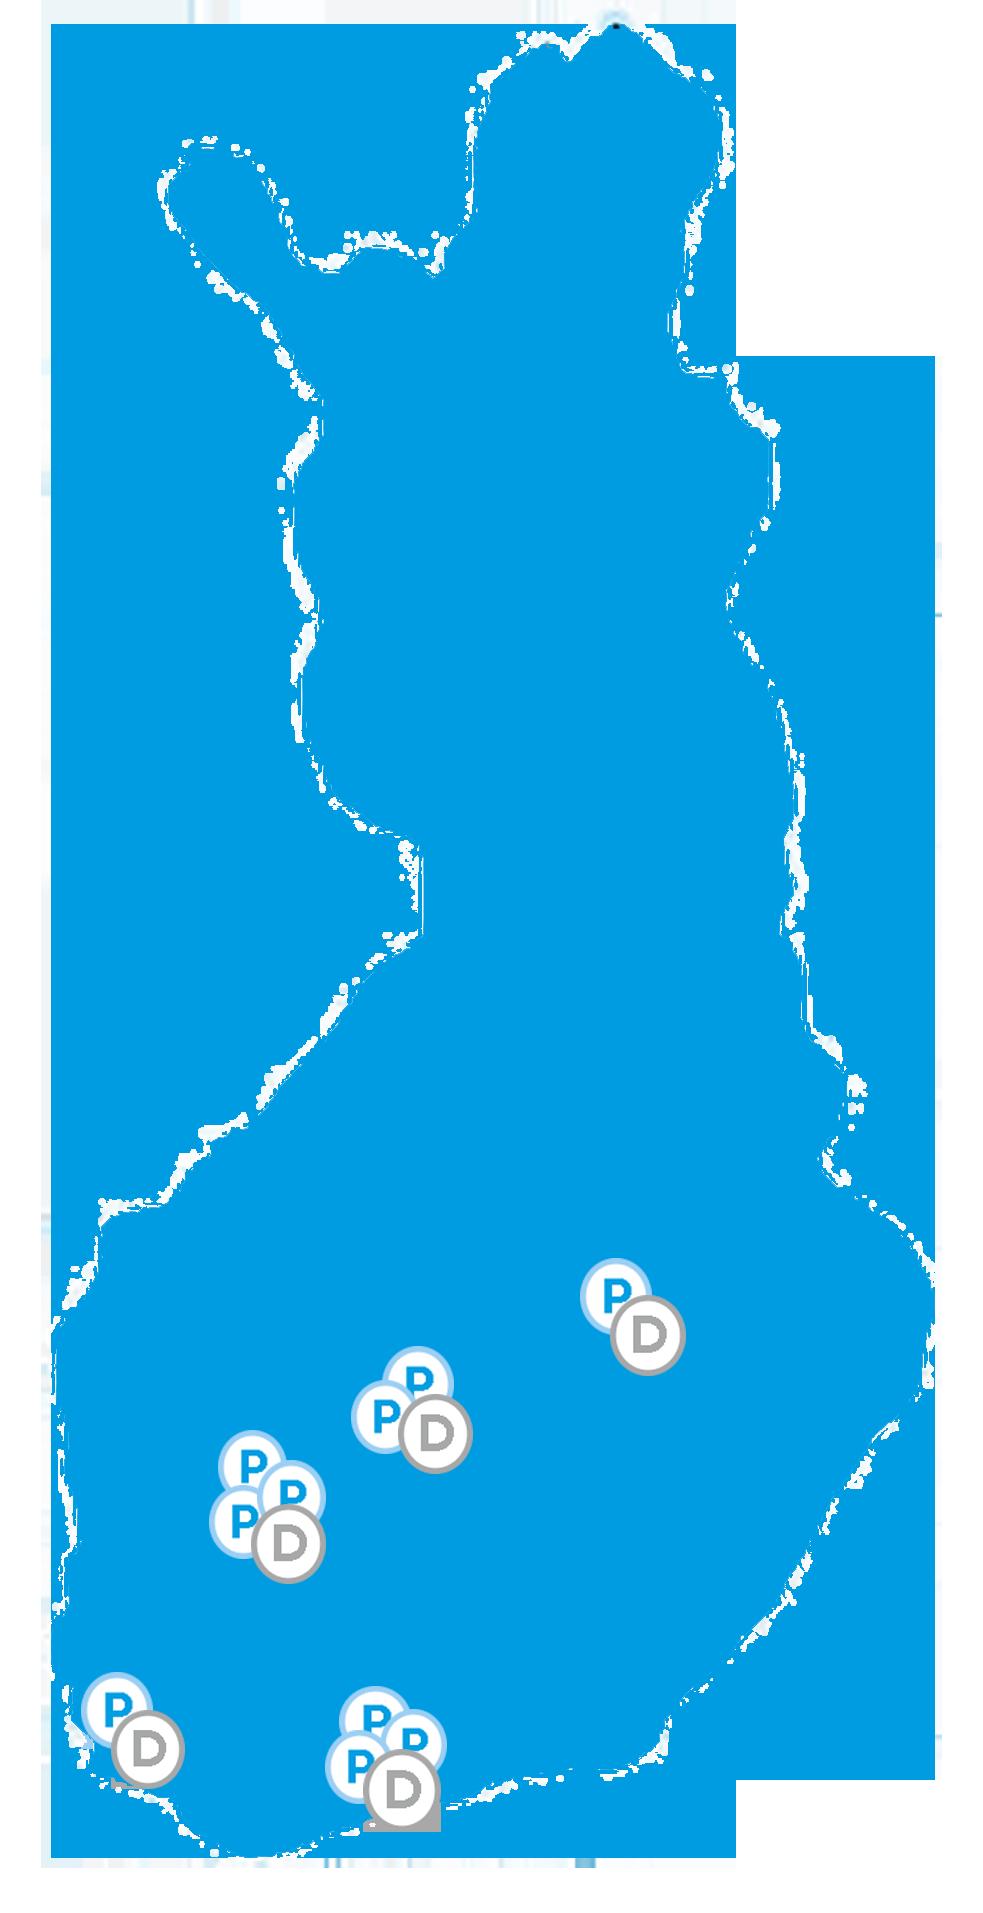 suomenkartta_kaupunkikeskustat_11102018